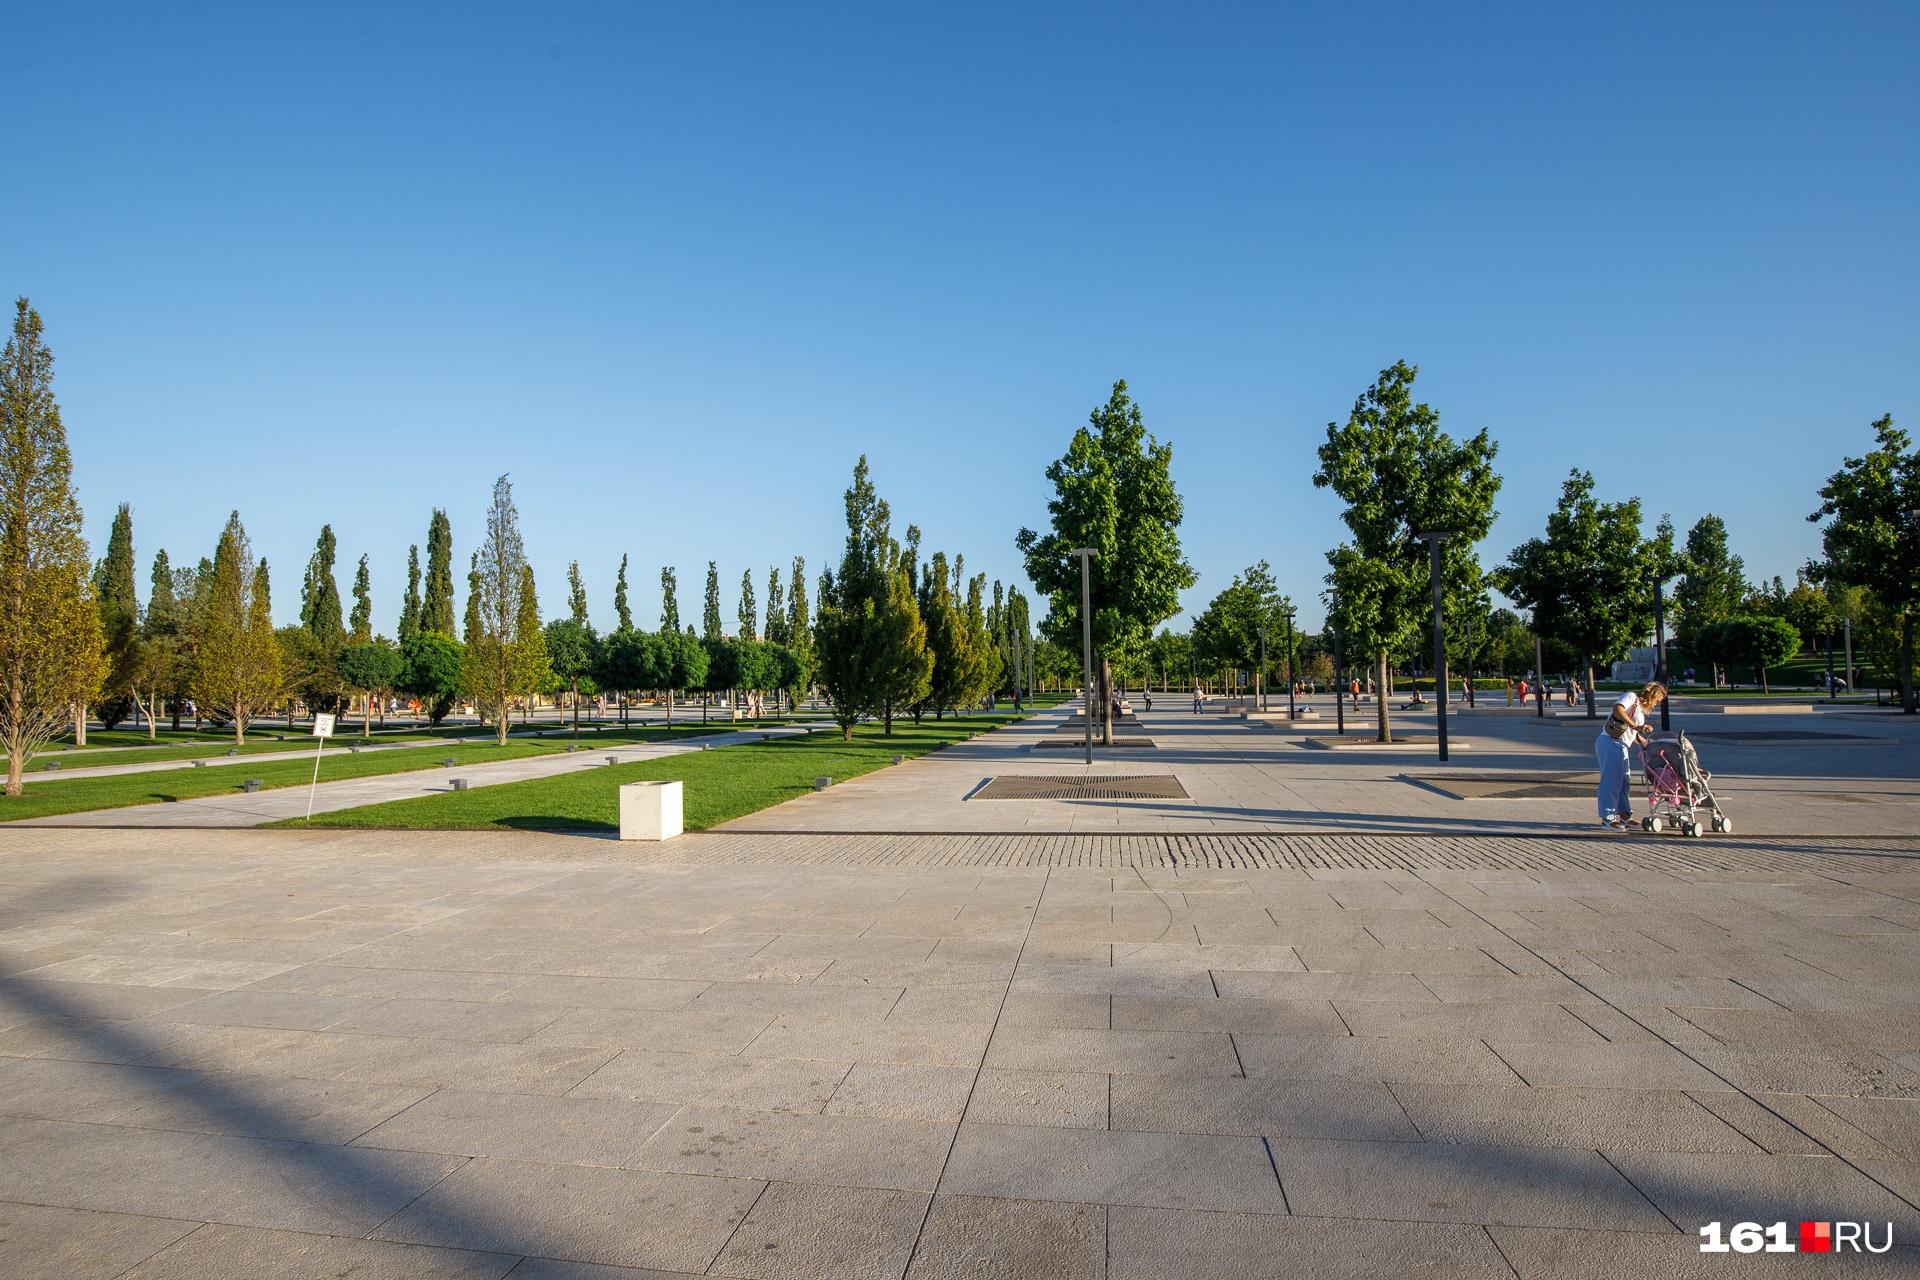 Площадь парка почти 23 гектара. До этого здесь был пустырь